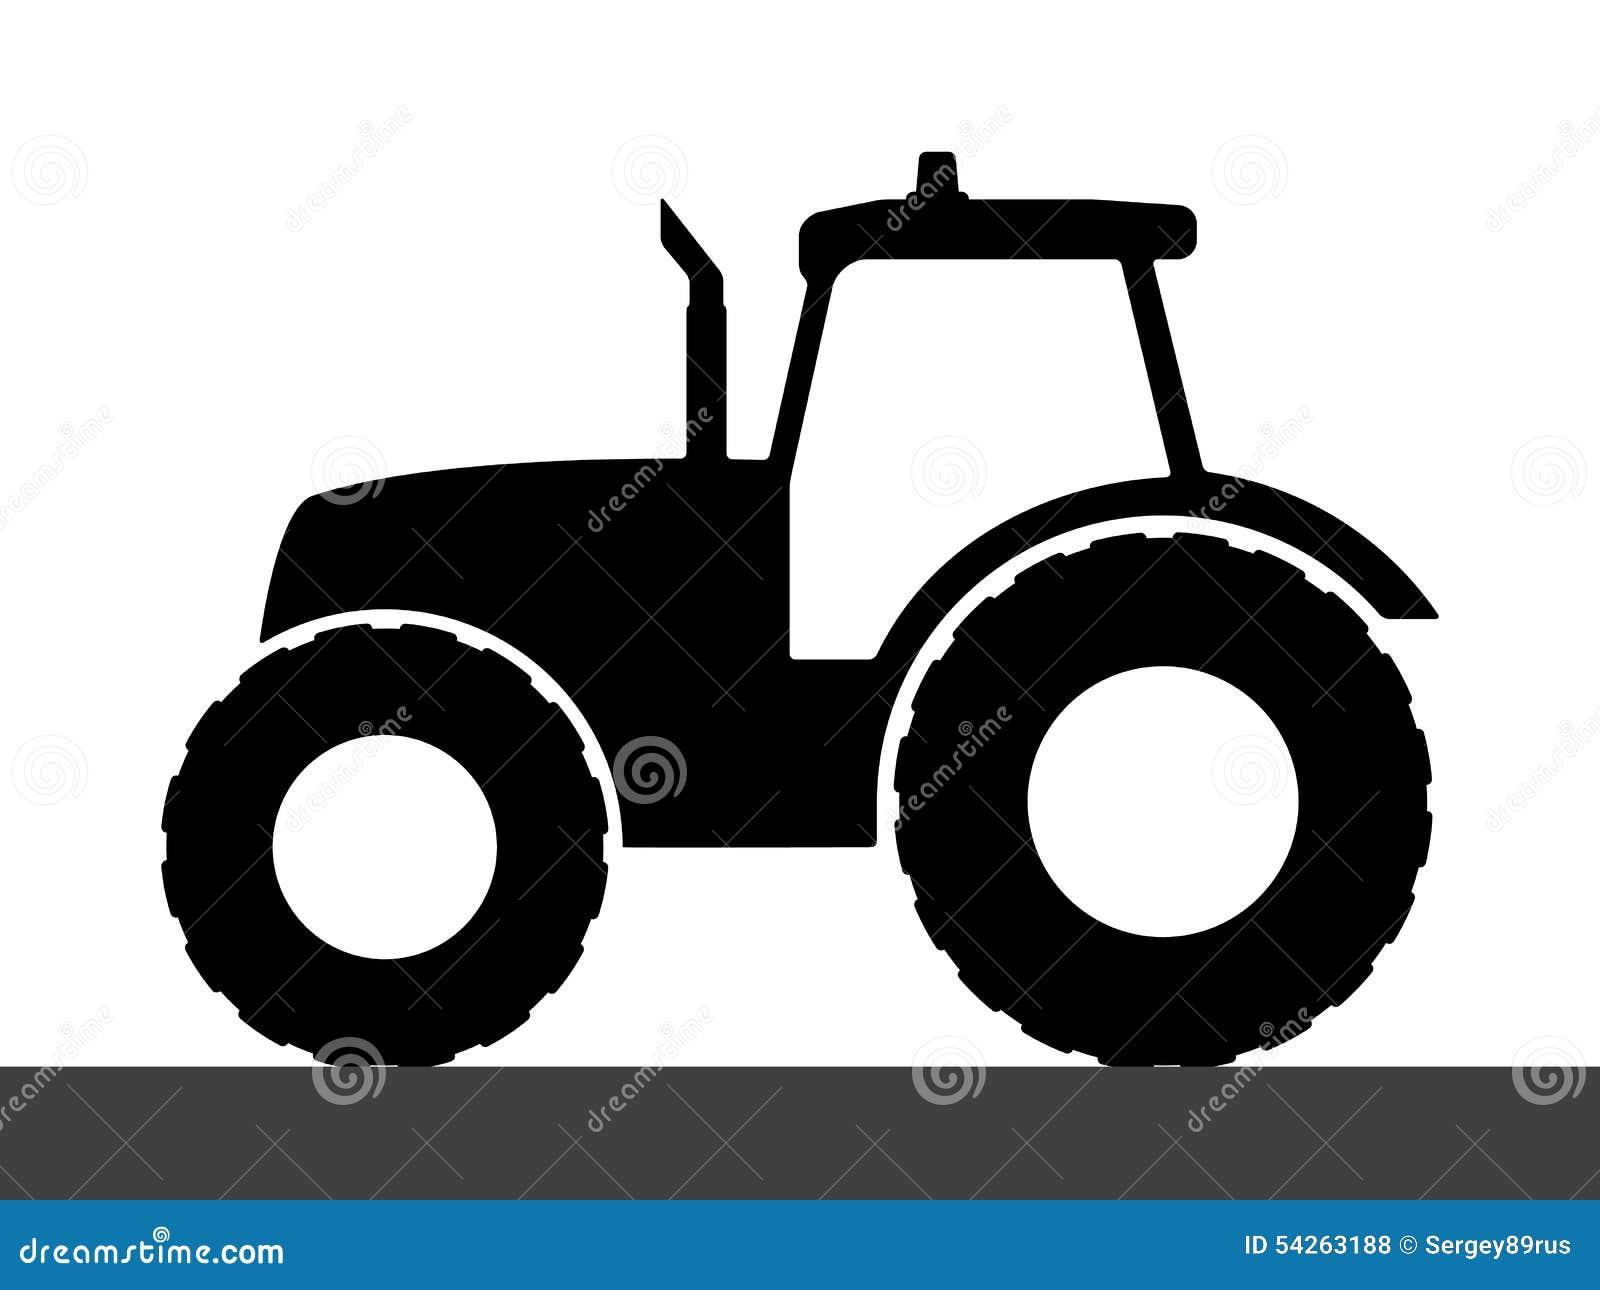 tractor silhouette on a white background stock vector john deere clip art black white john deere clip art black white